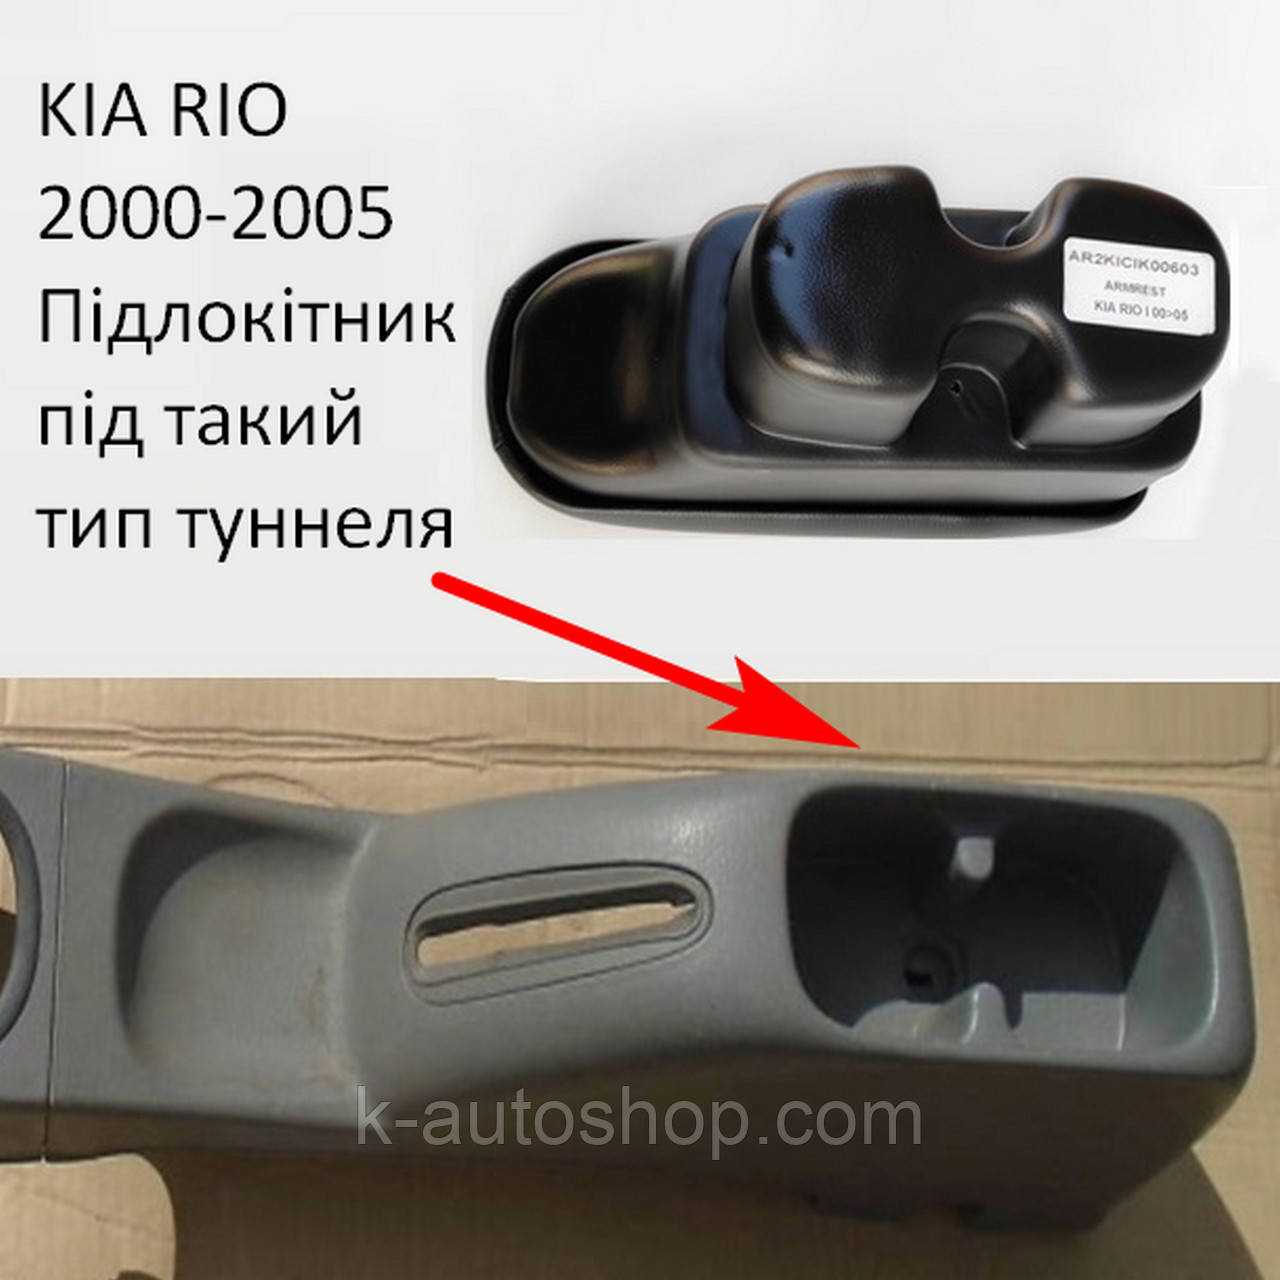 ПідлокІтник Armcik Стандарт для KIA Rio I 2000-2005, фото 2